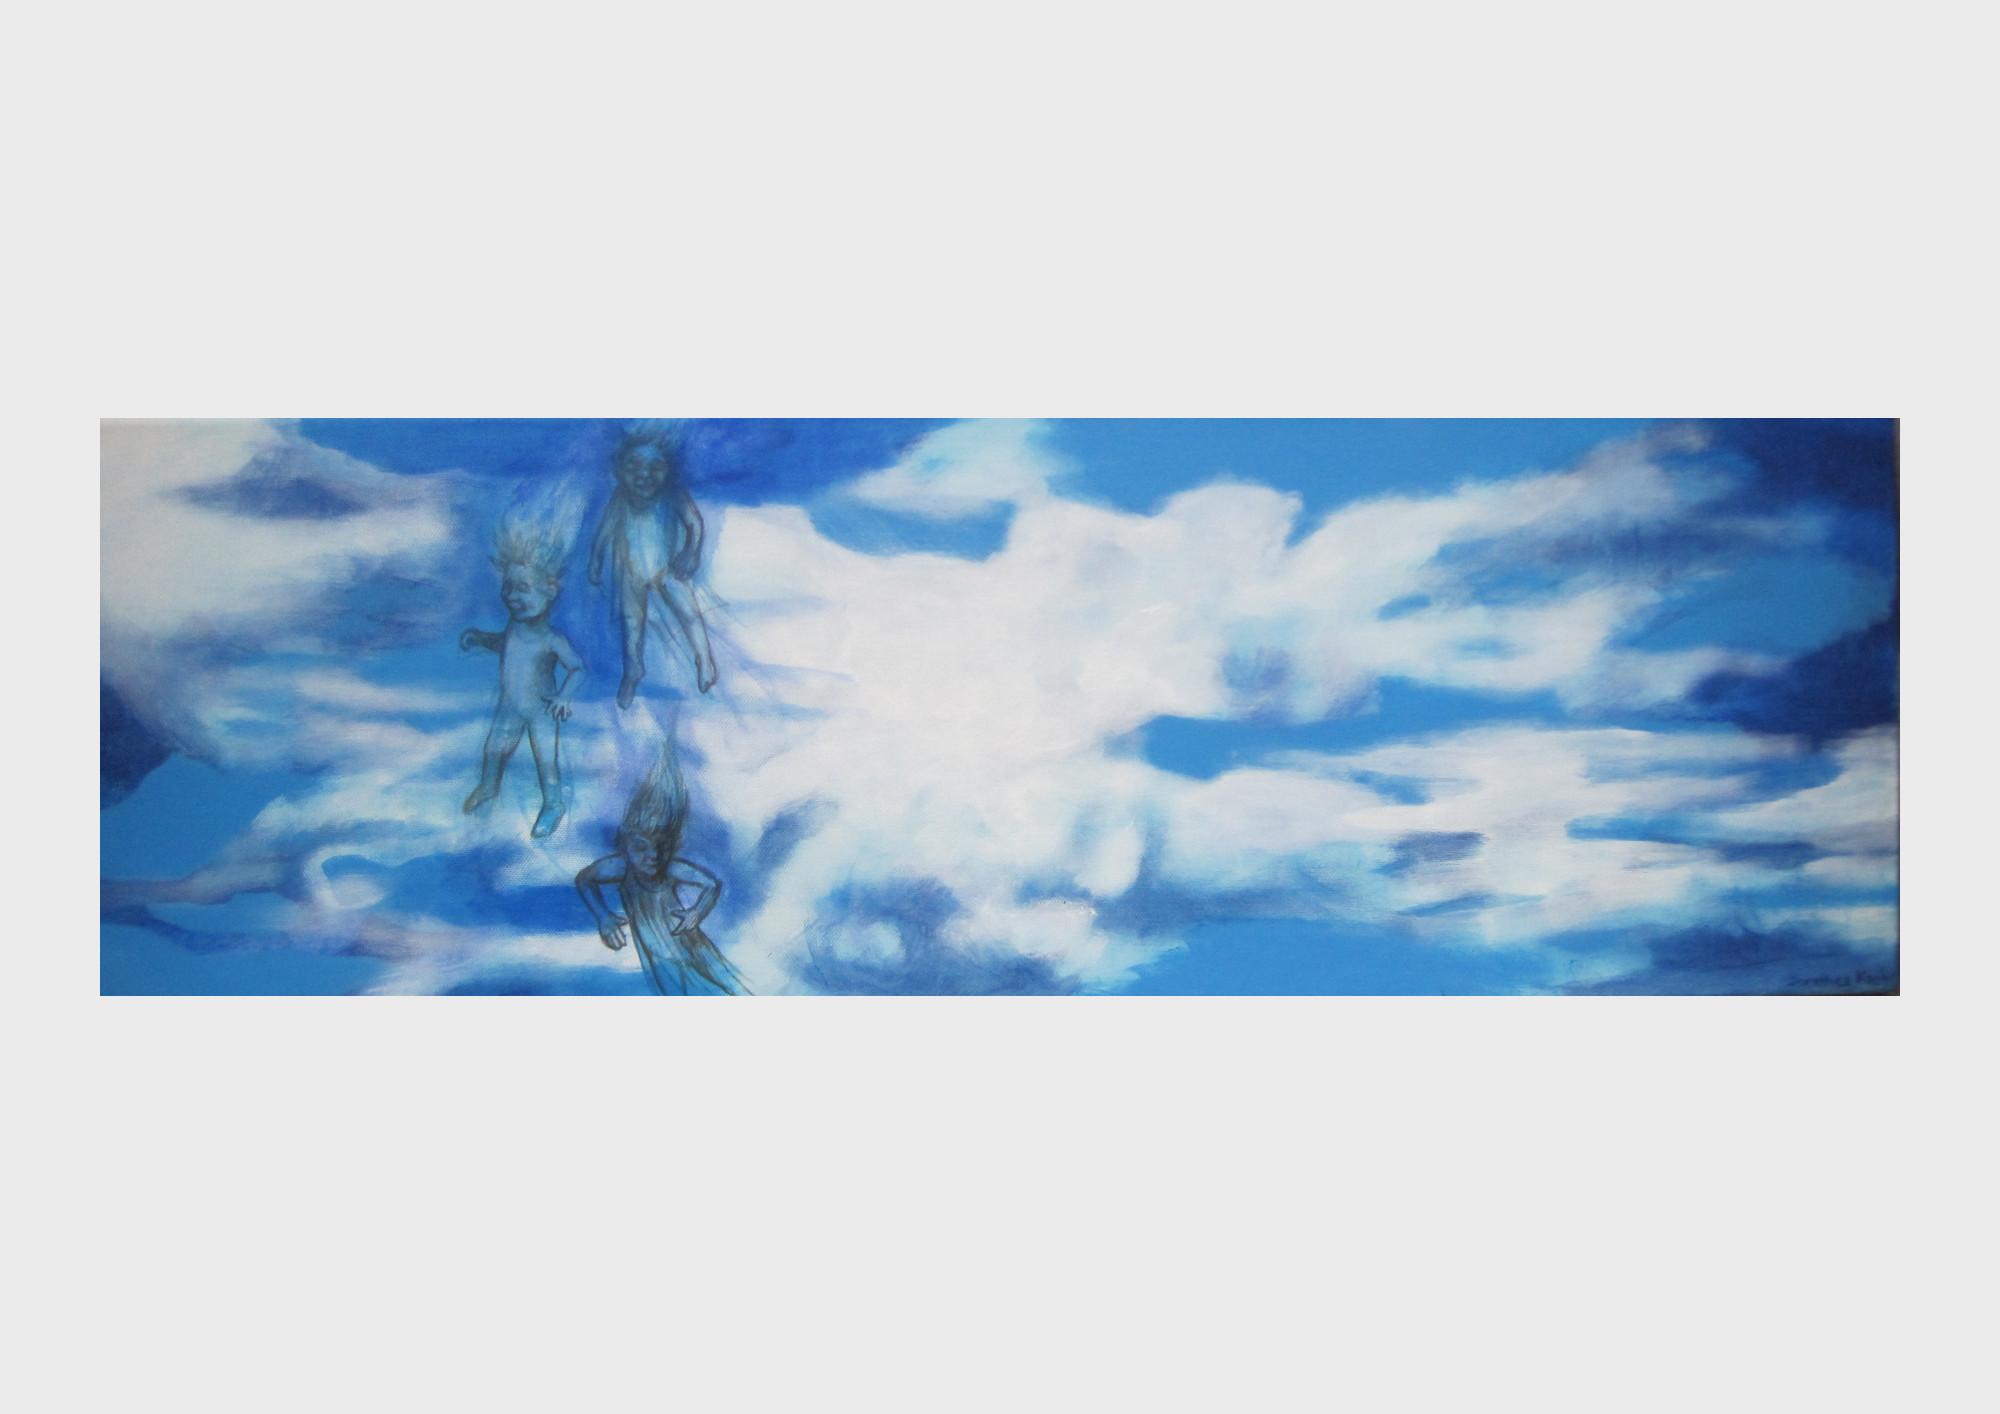 Gemalter Wolkenhimmel mit himmlischen Flugwesen in Himmelblau. Acrylbild der Nürnberger Künstlerin Dorothea Koch.